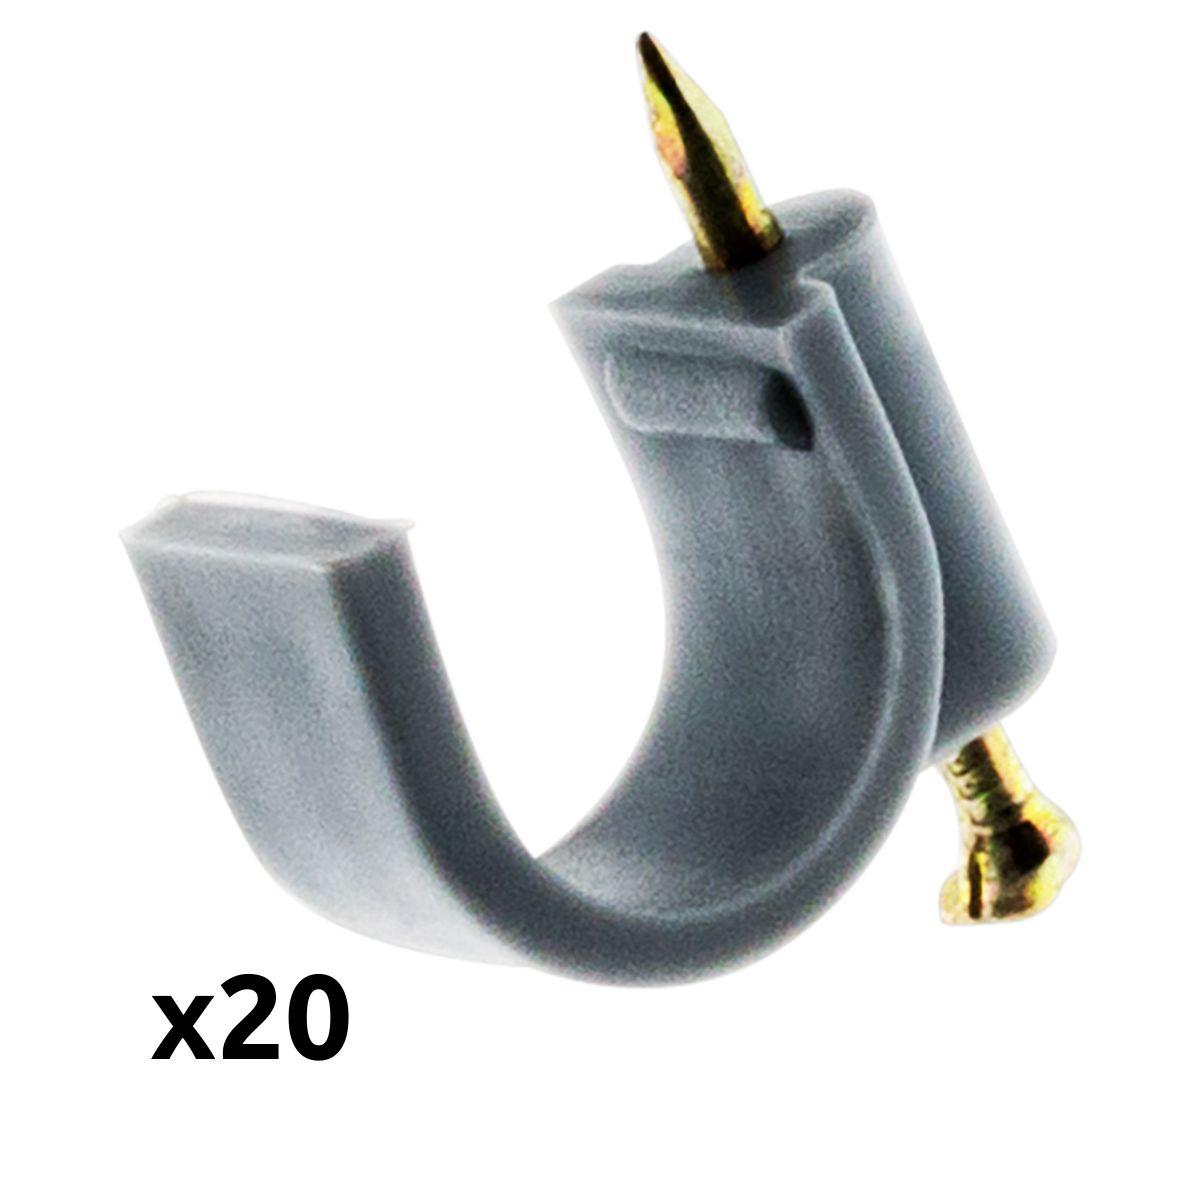 20-Clips-Plasticos-10-Gris miniatura 2